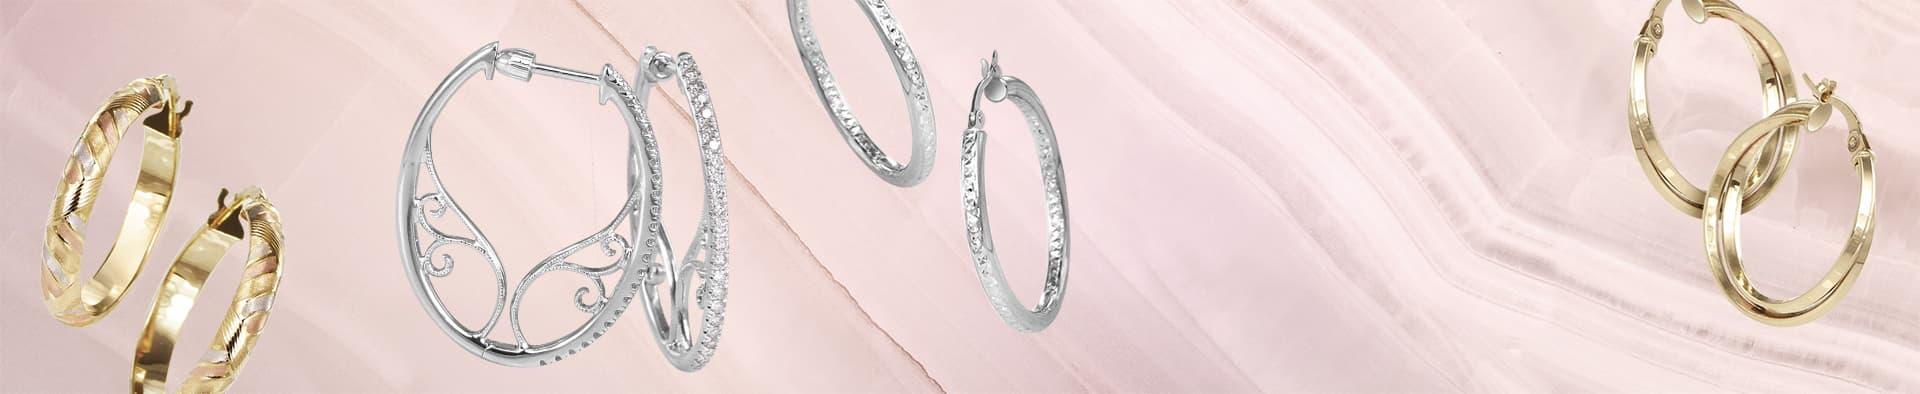 Trouver des anneaux pour femmes